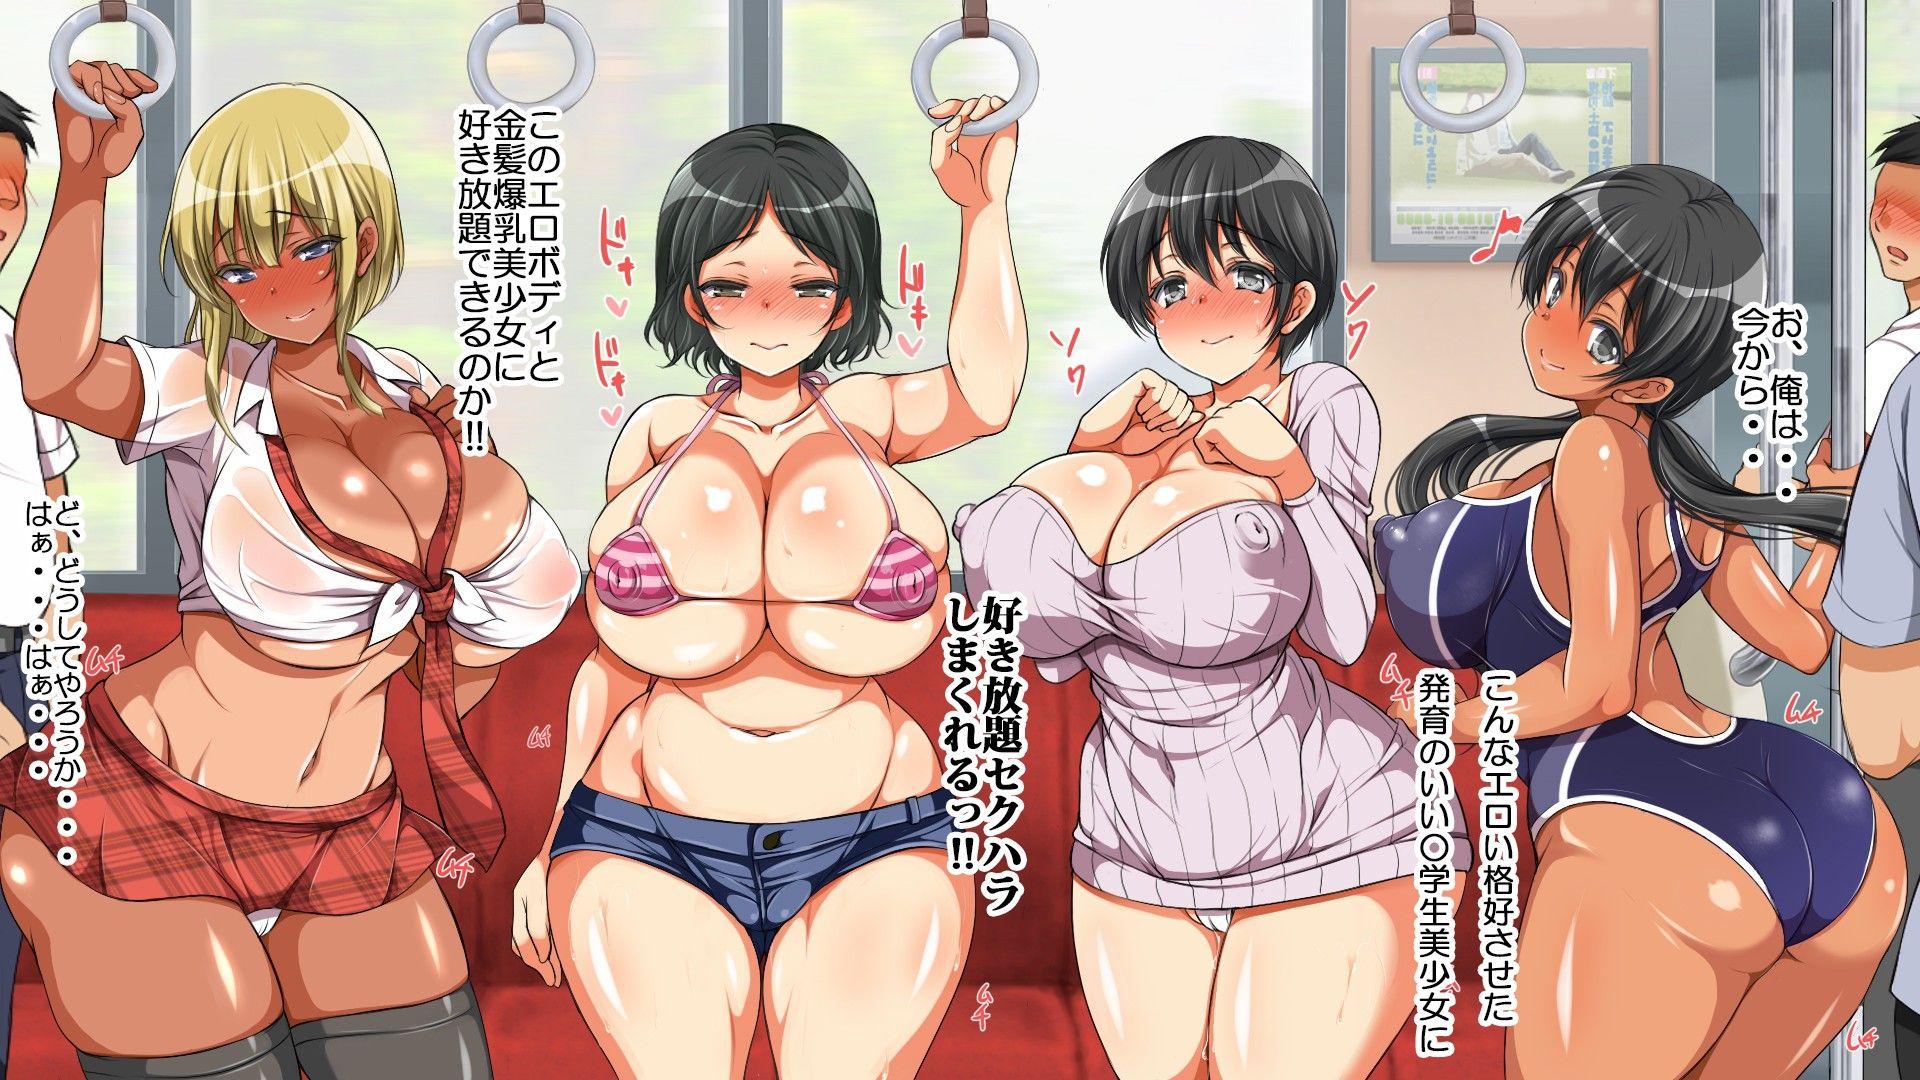 Hentai tanga